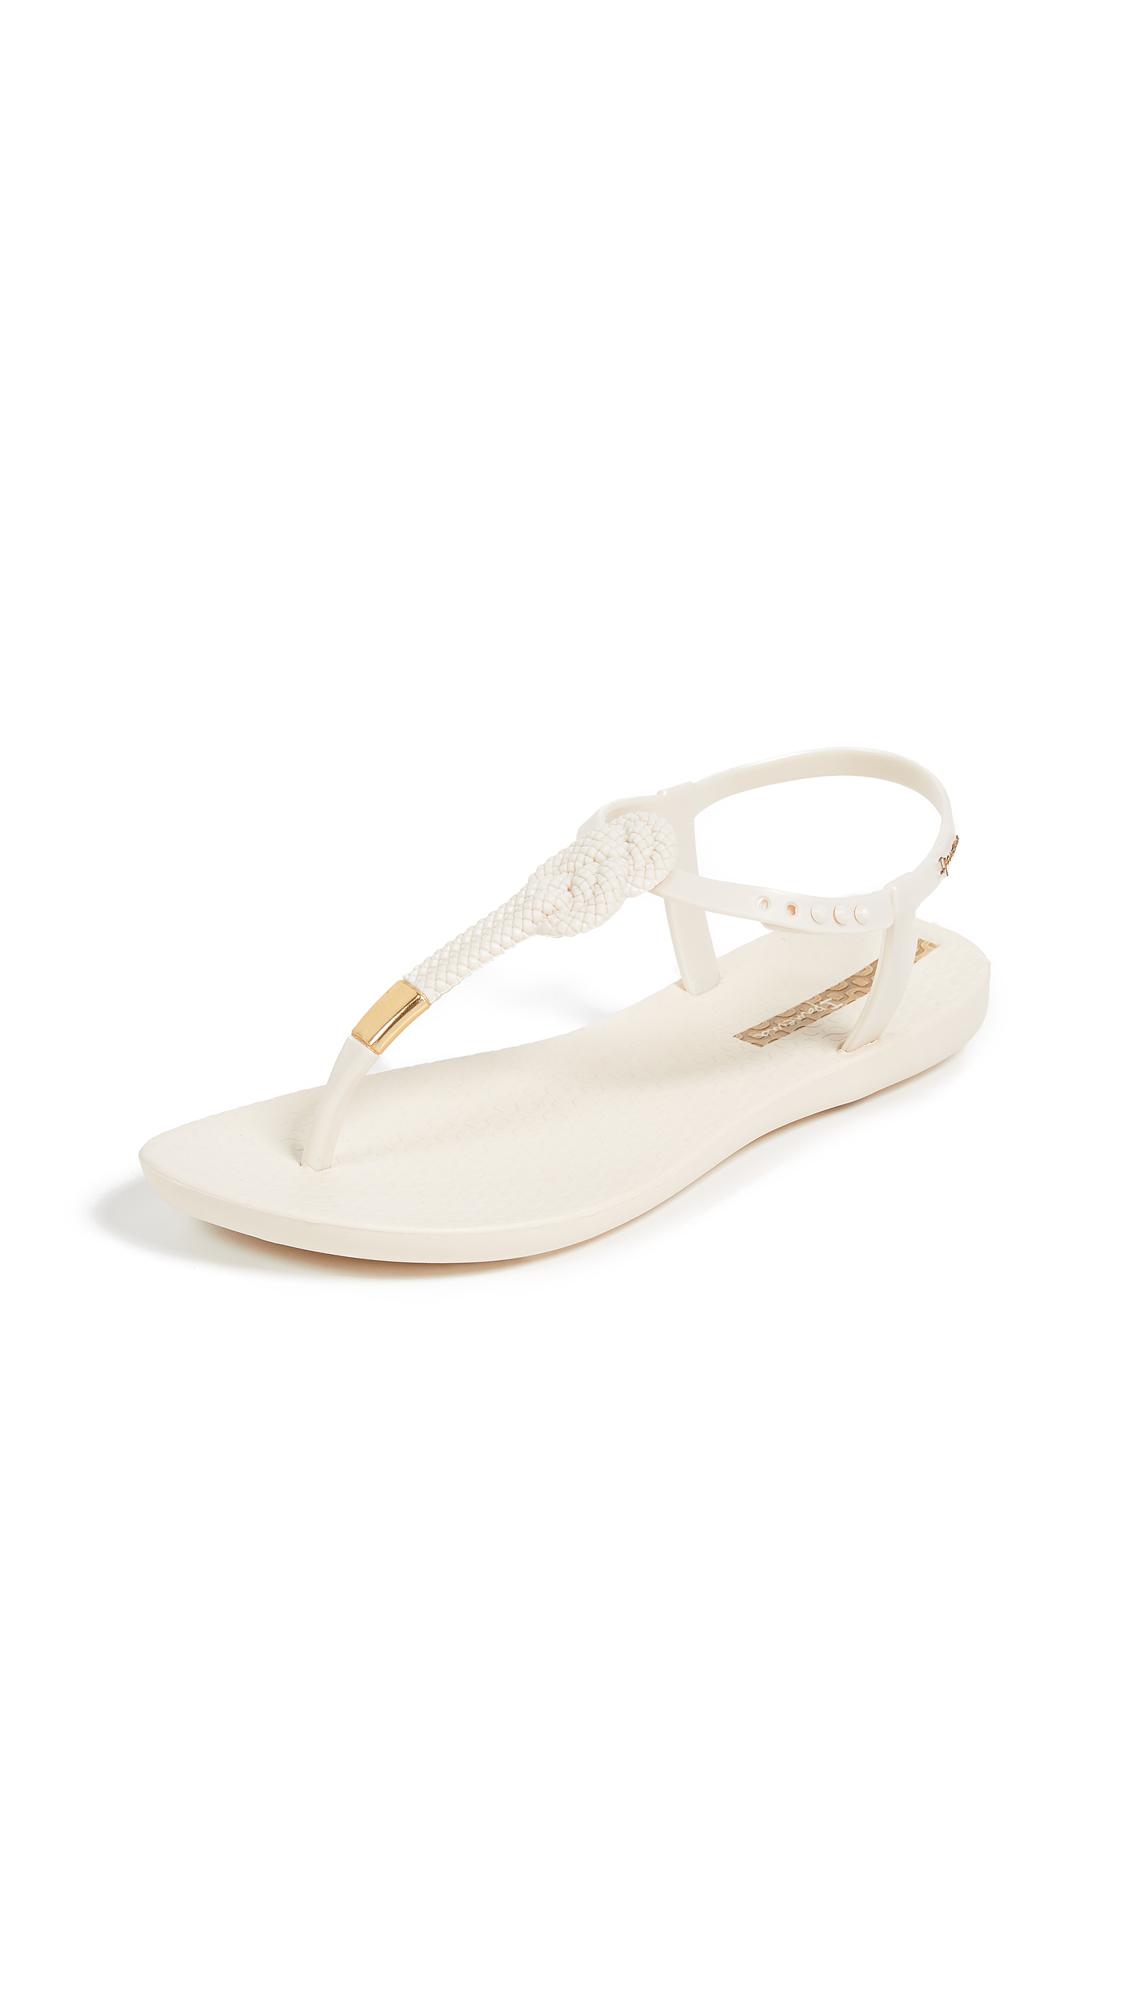 Ipanema Mara Knot T-Strap Sandals - Beige